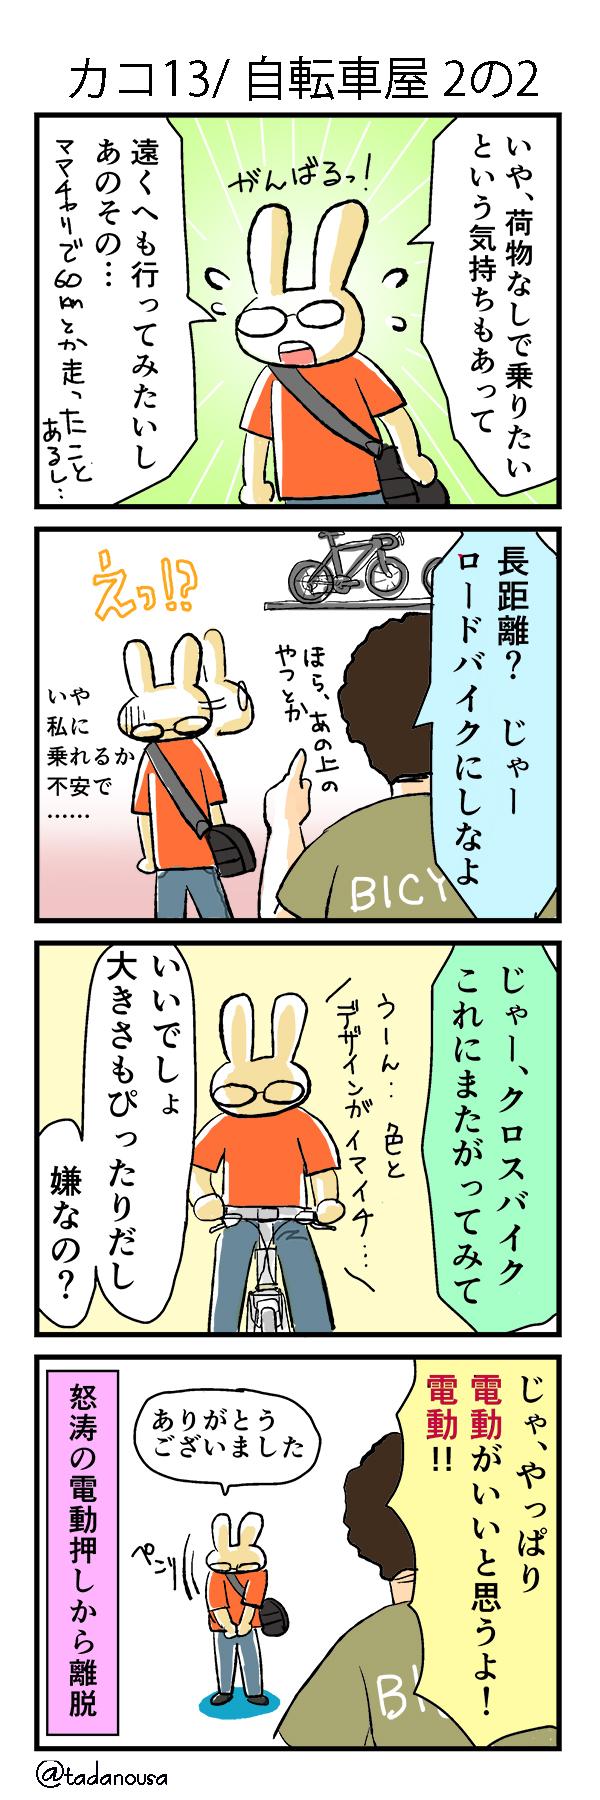 カコ013_2